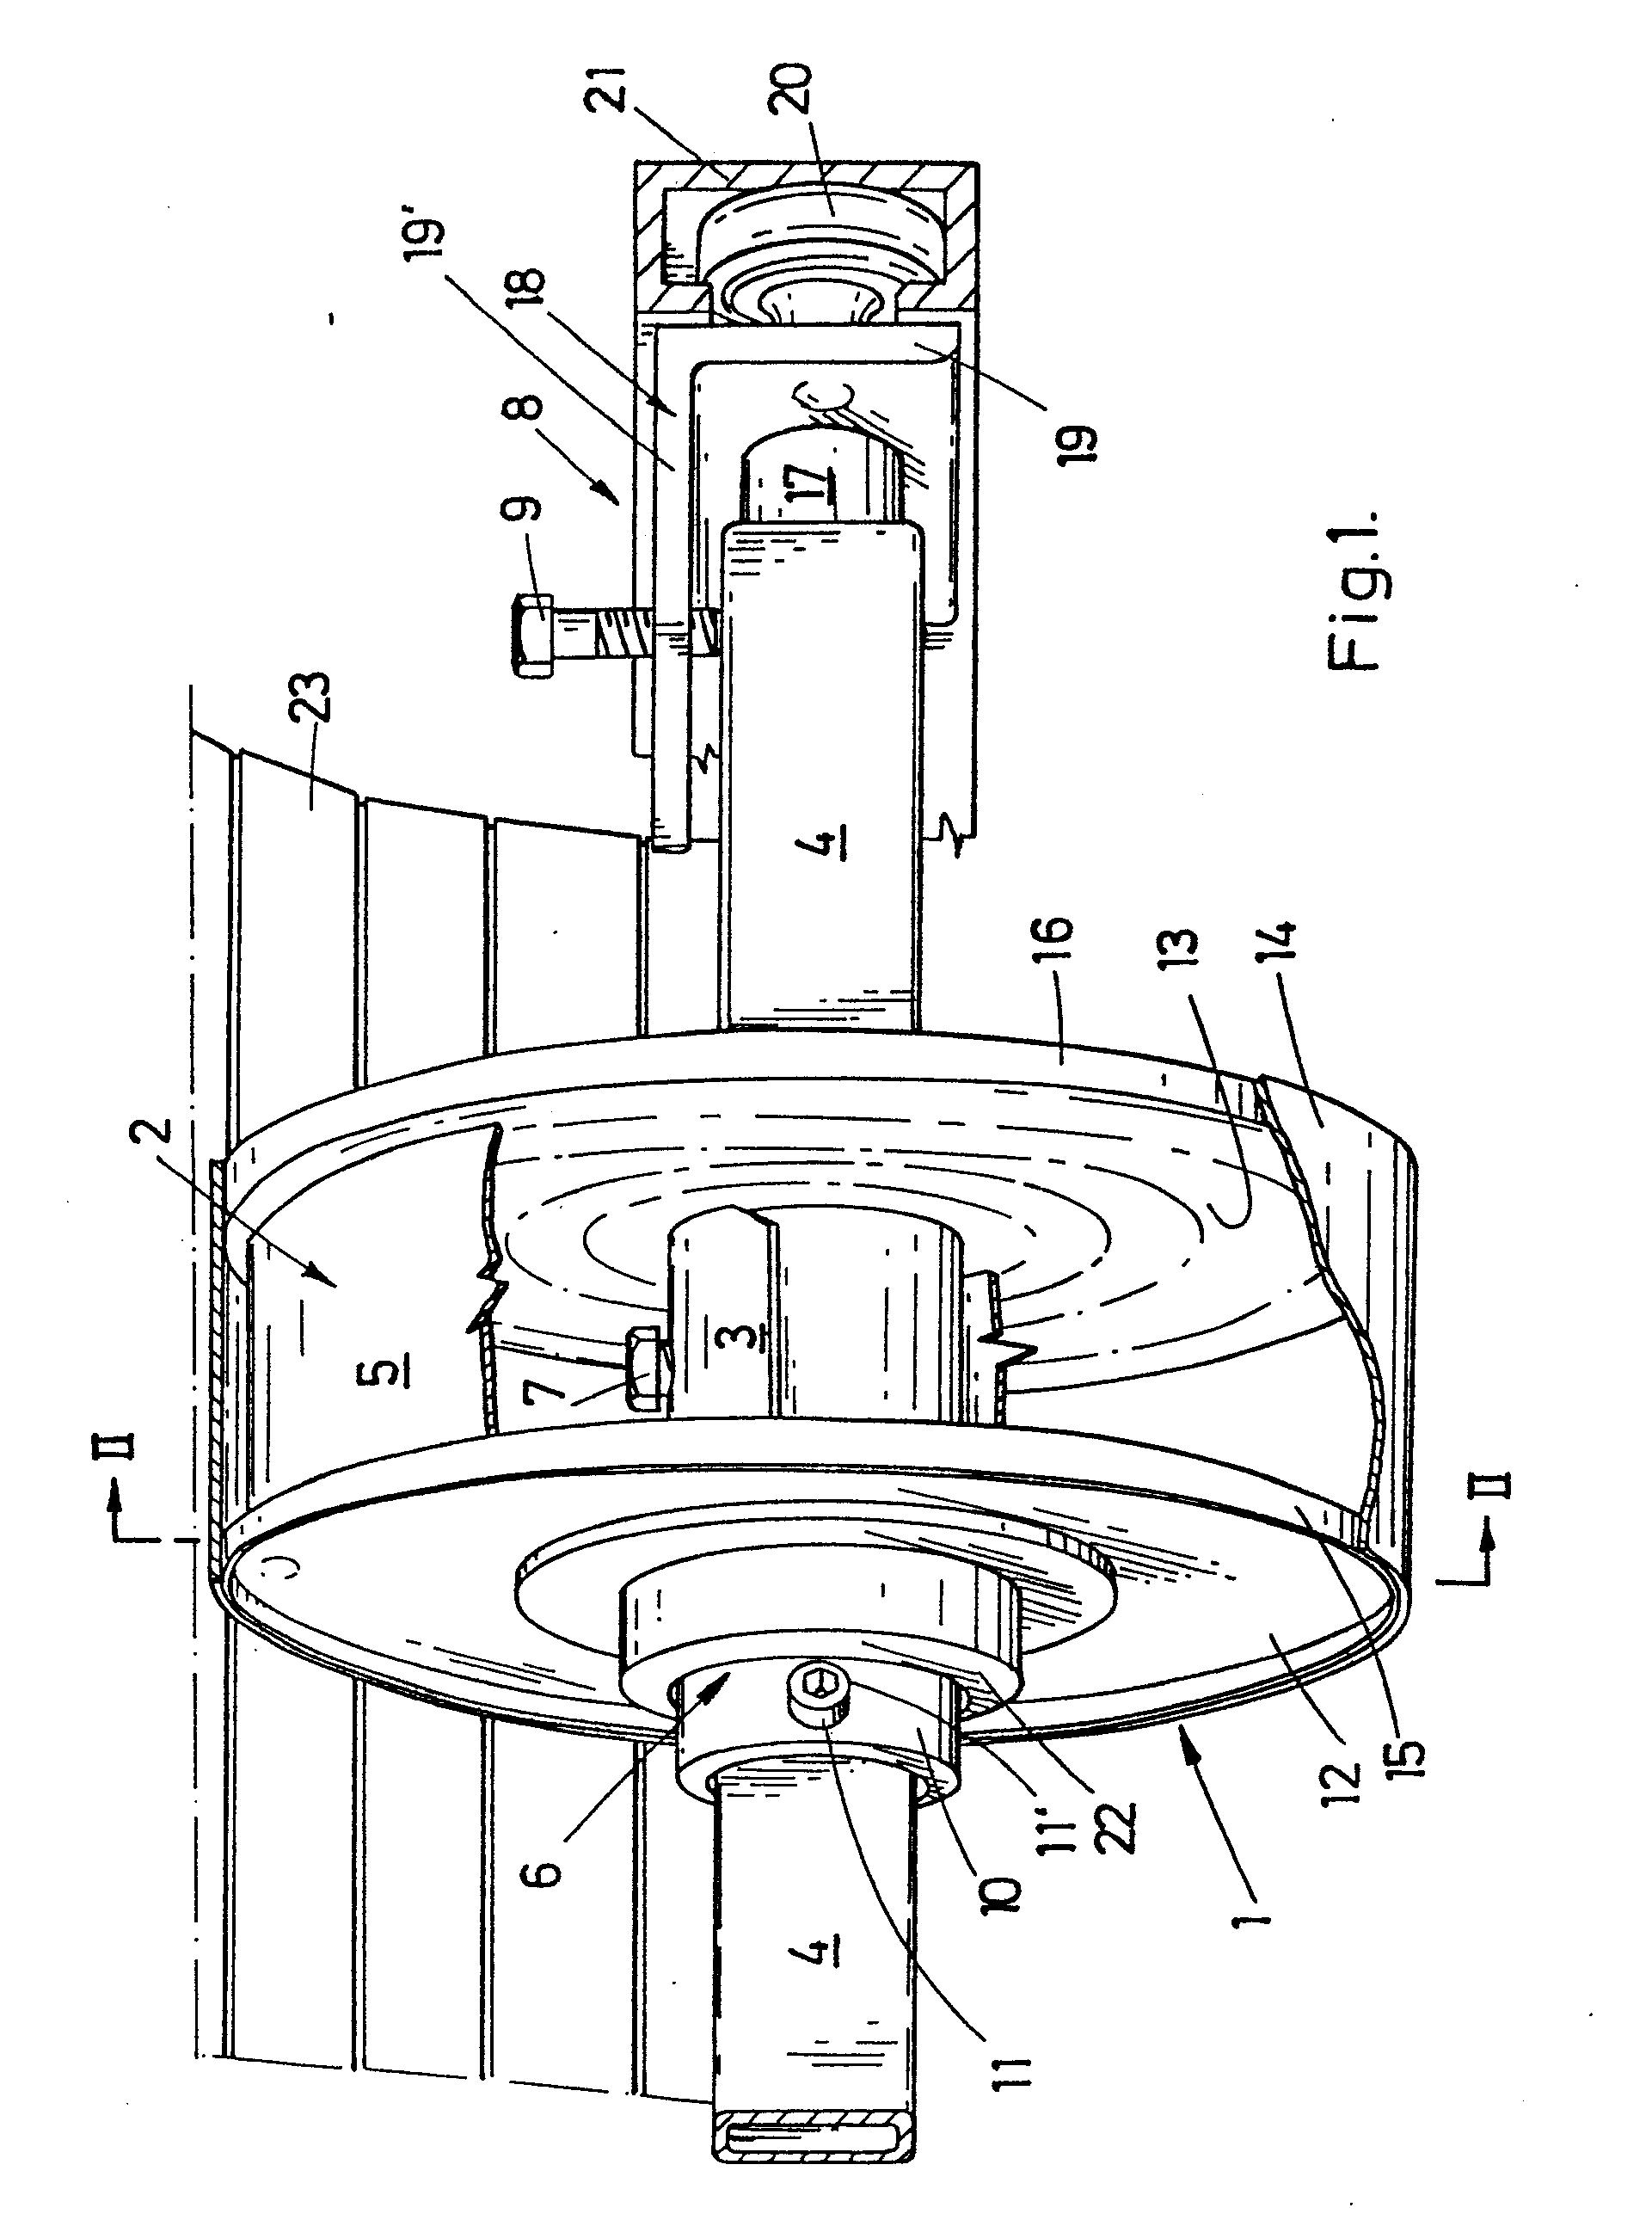 patent ep0187685a2 m canisme enrouleur pour volet m canique et volet quip d 39 un tel m canisme. Black Bedroom Furniture Sets. Home Design Ideas